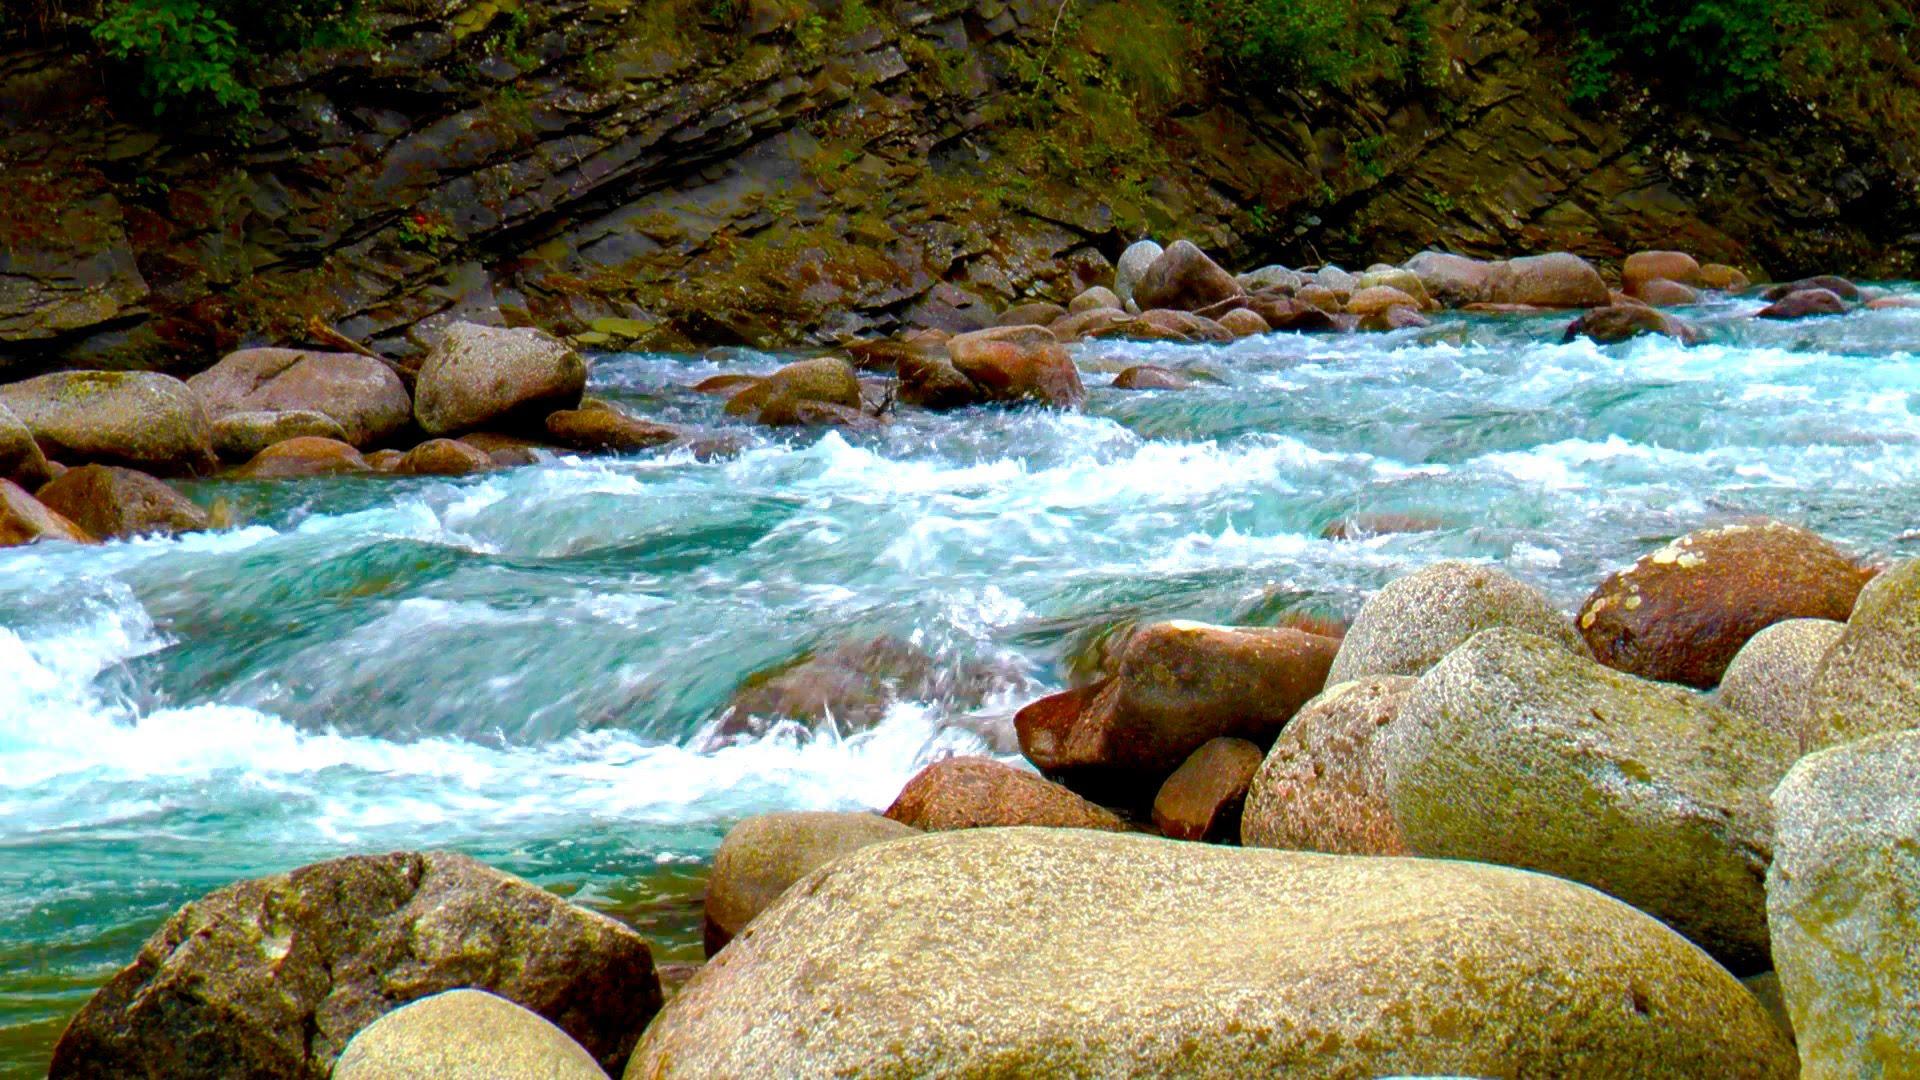 flowing water.jpg